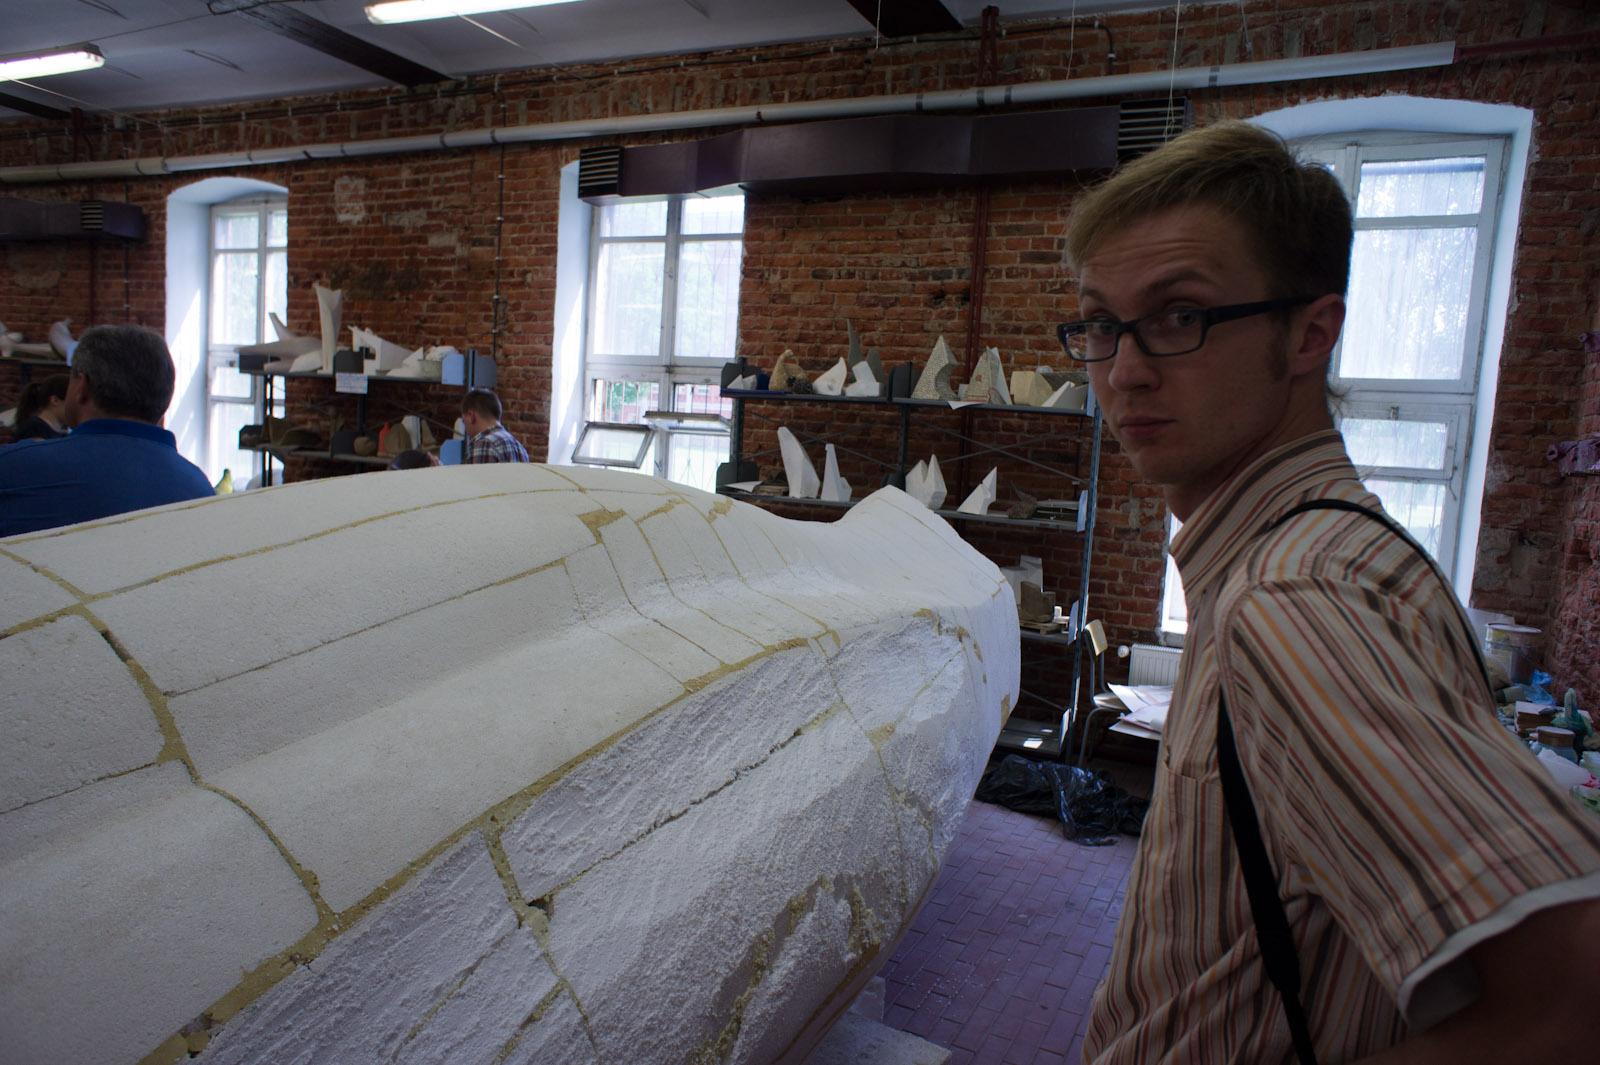 Het groote sculptuur uitgevoerd naar gelijkenis van Bronek zijn klein stuk door de Sculptuur Team van Afdeling Architectuur Technische Uni Lodz